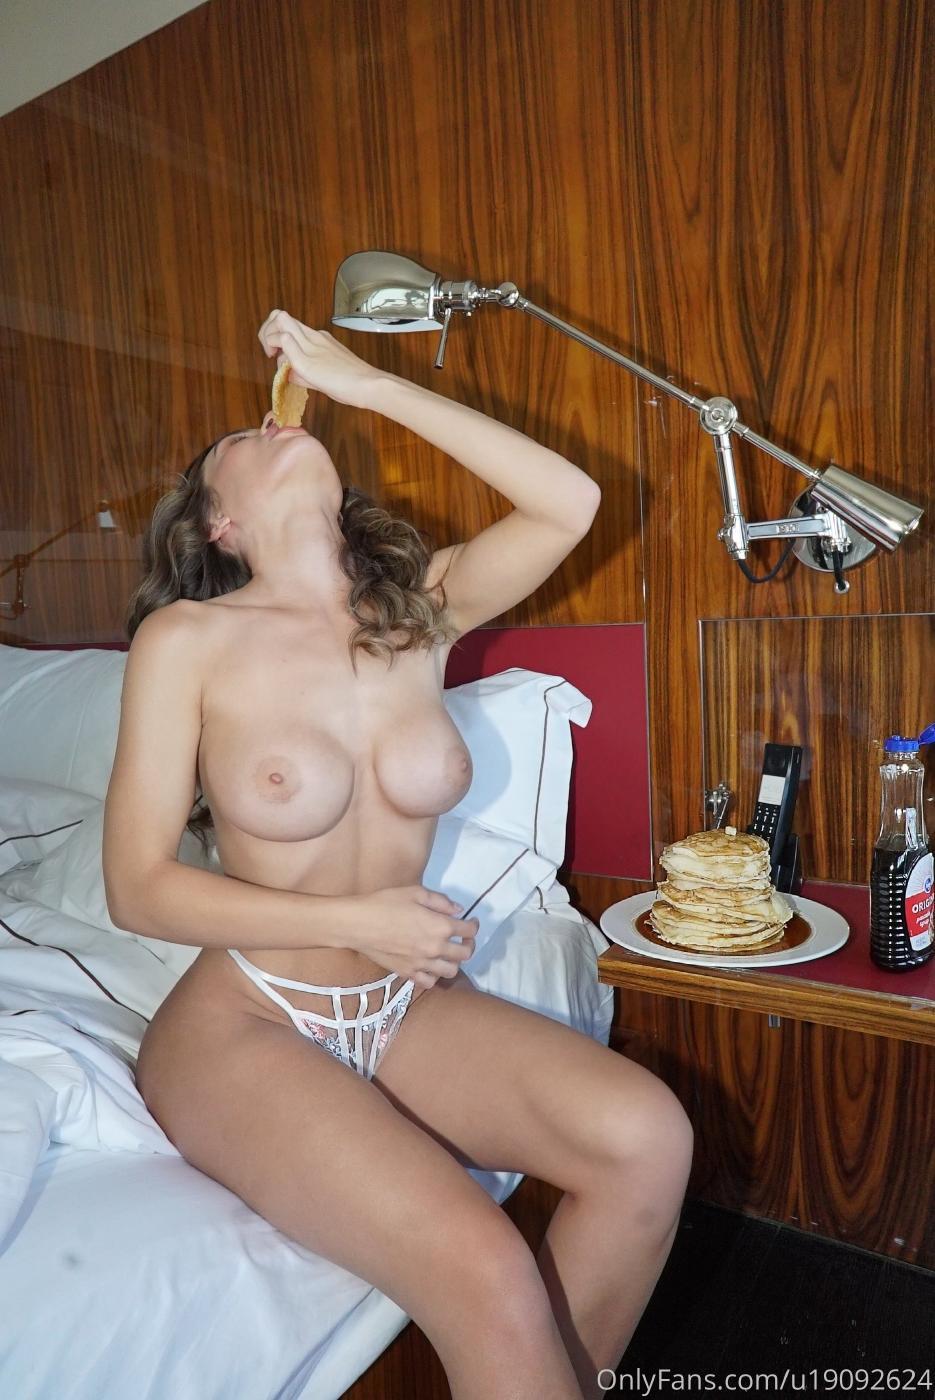 Lana Rhoades Nude Lingerie Strip Onlyfans Set Leaked Onzbxw